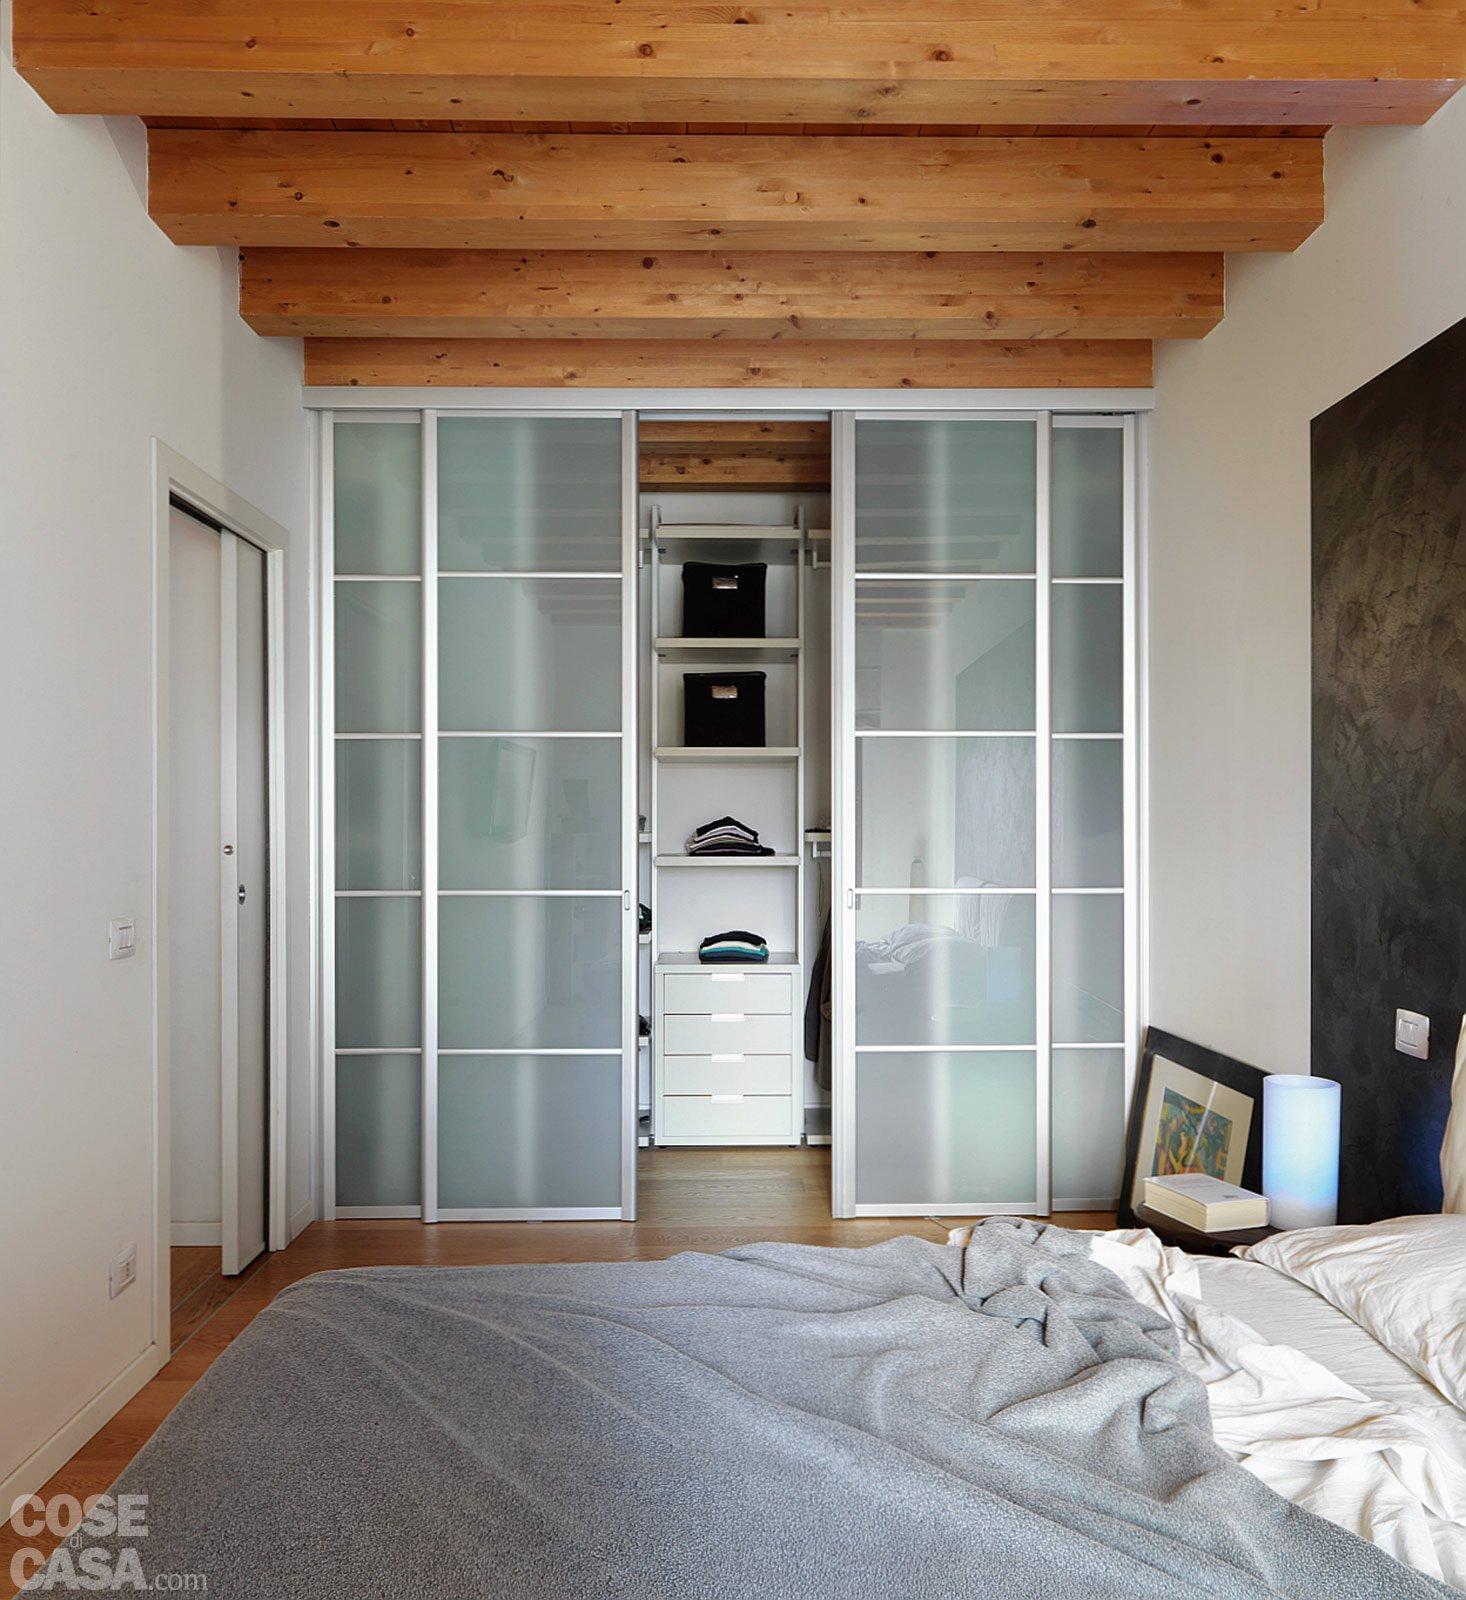 Casa con 10 trucchi 83 mq sembrano pi grandi cose di for Casa con una camera da letto